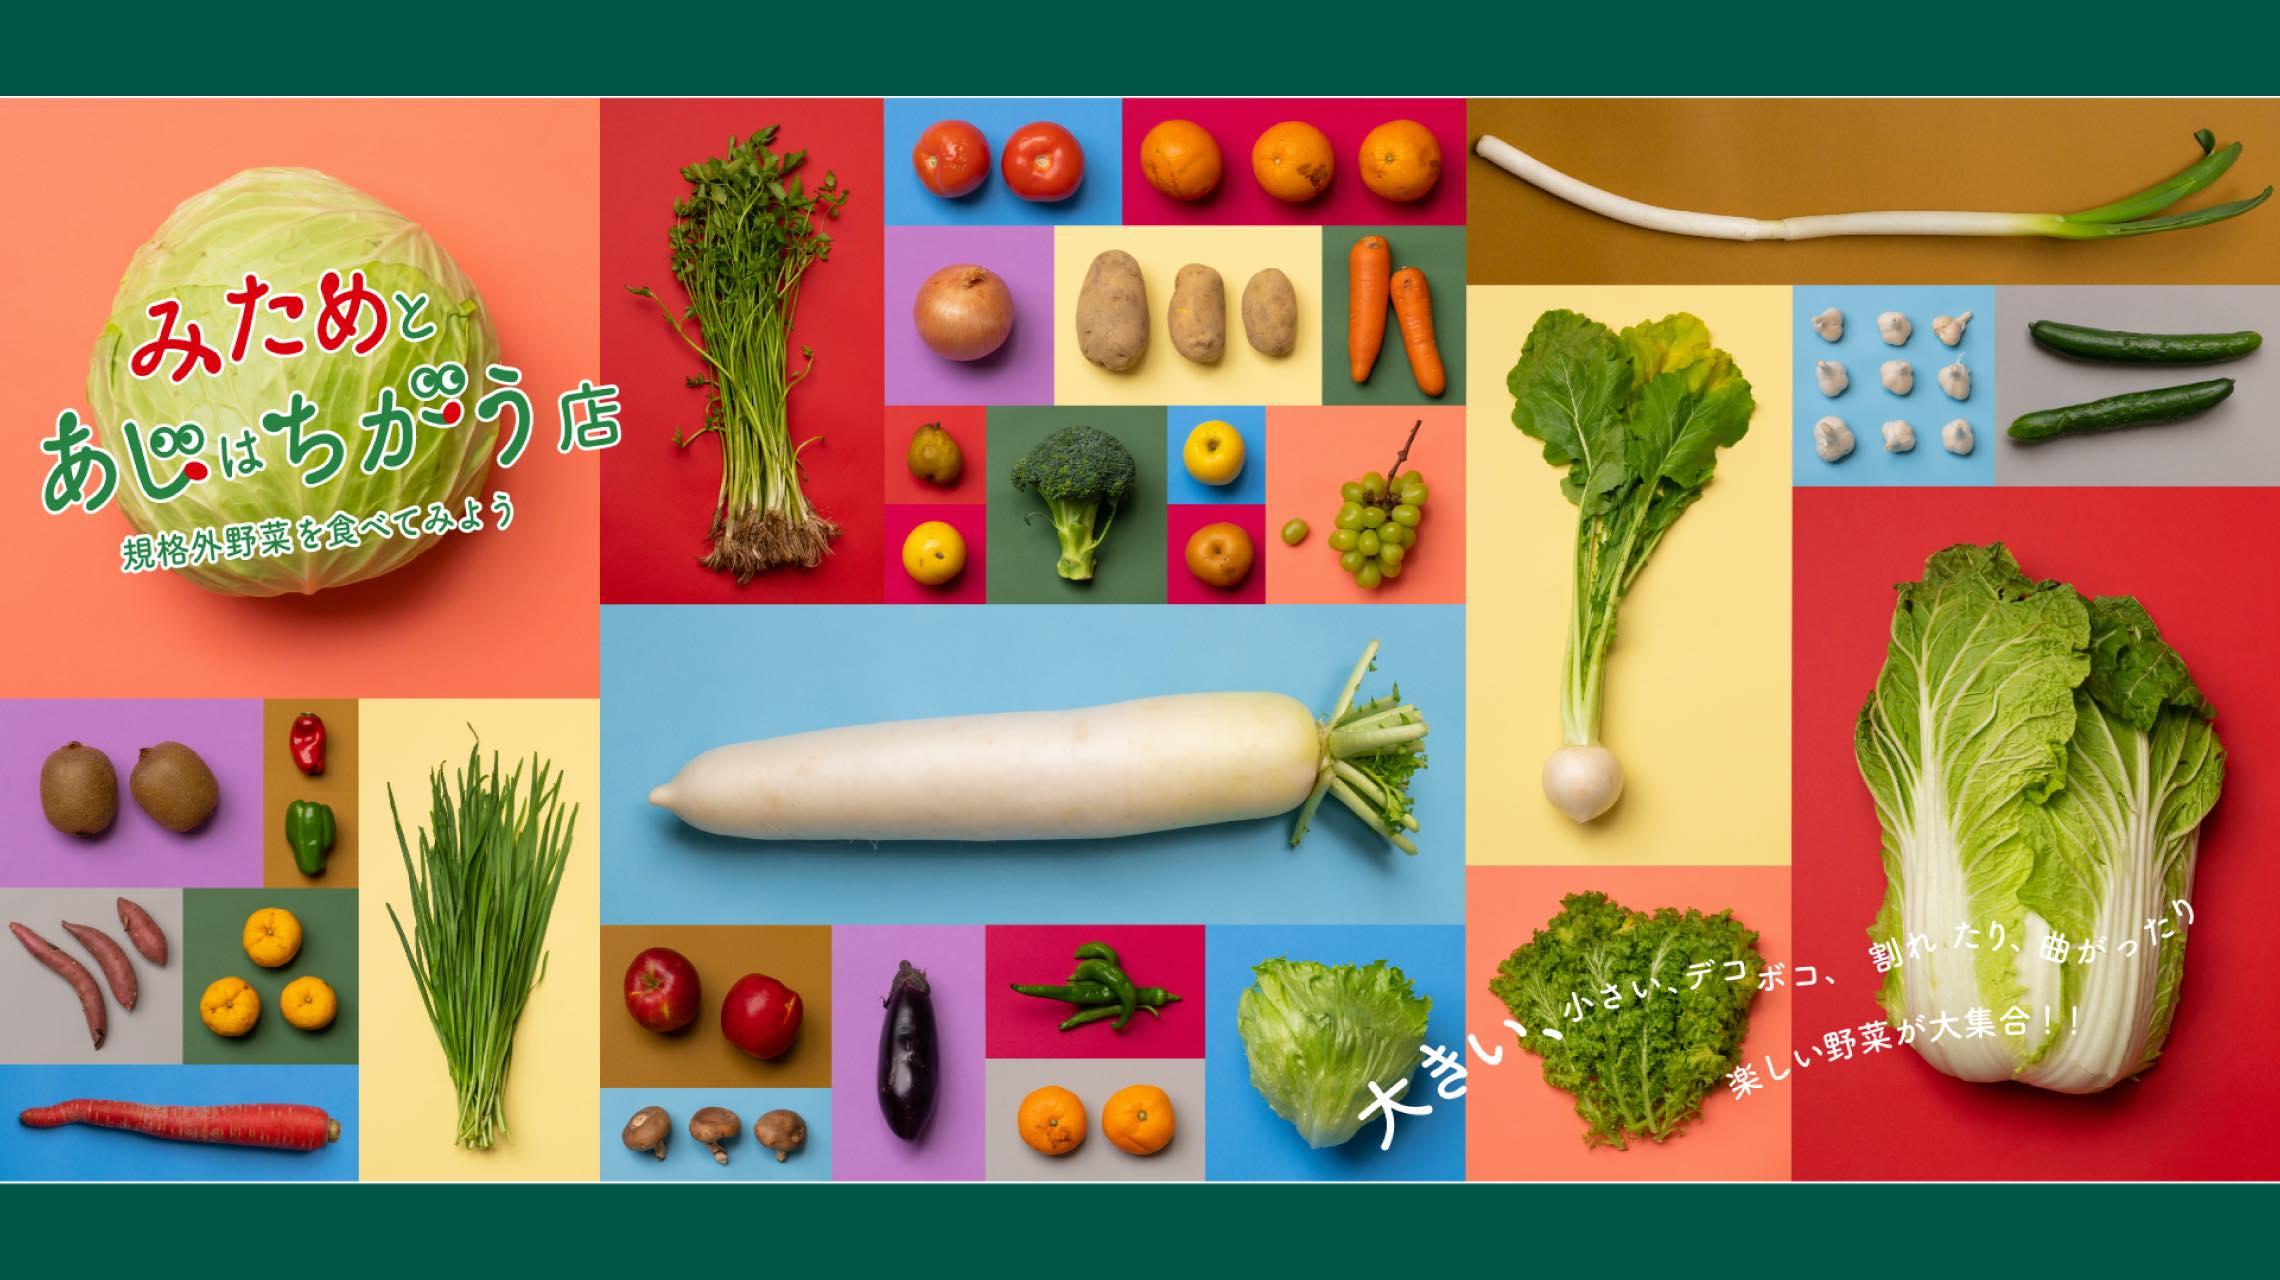 食糧の有効活用に向けて。規格外野菜のECサイト「みためとあじはちがう店」でSDGsに取り組む